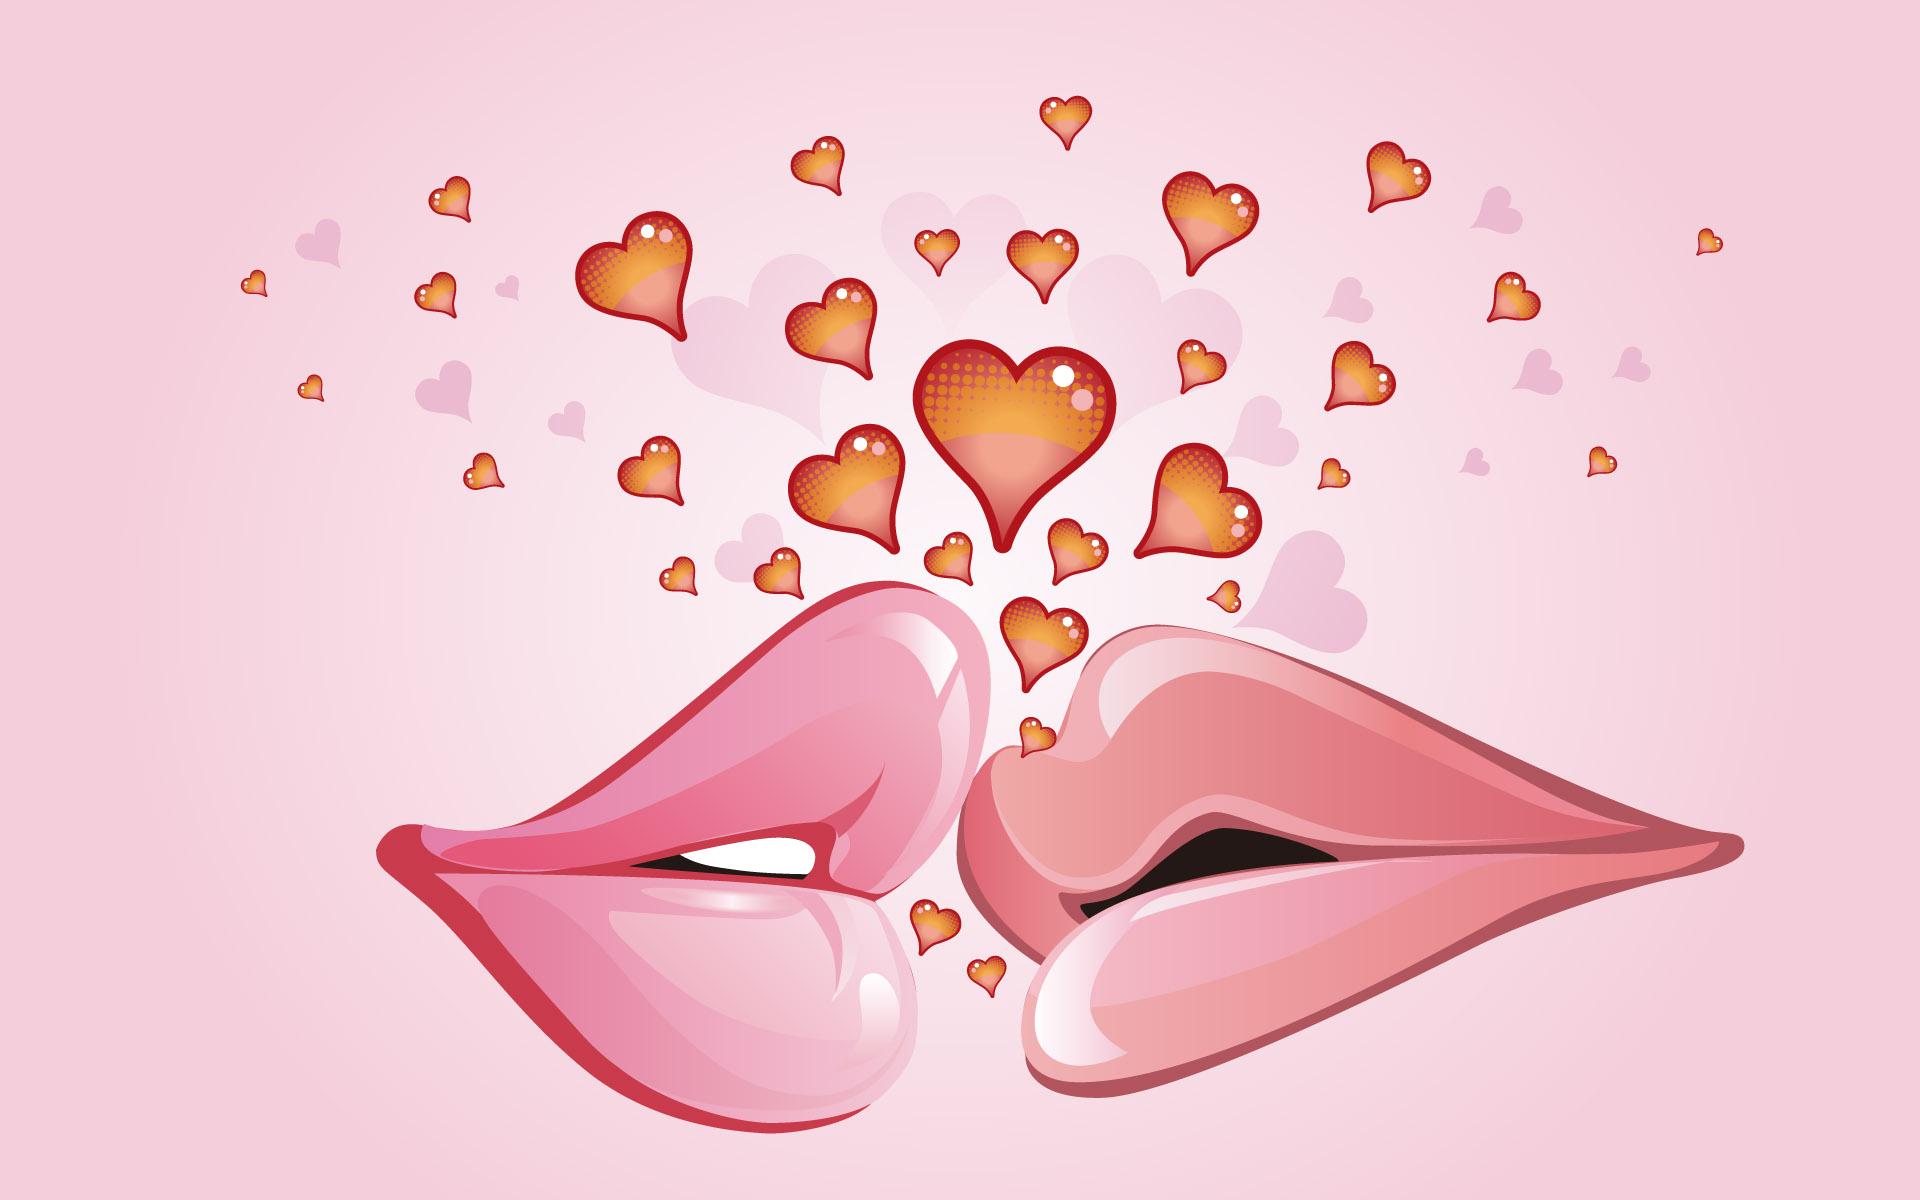 Фото поцелуй дружеский 6